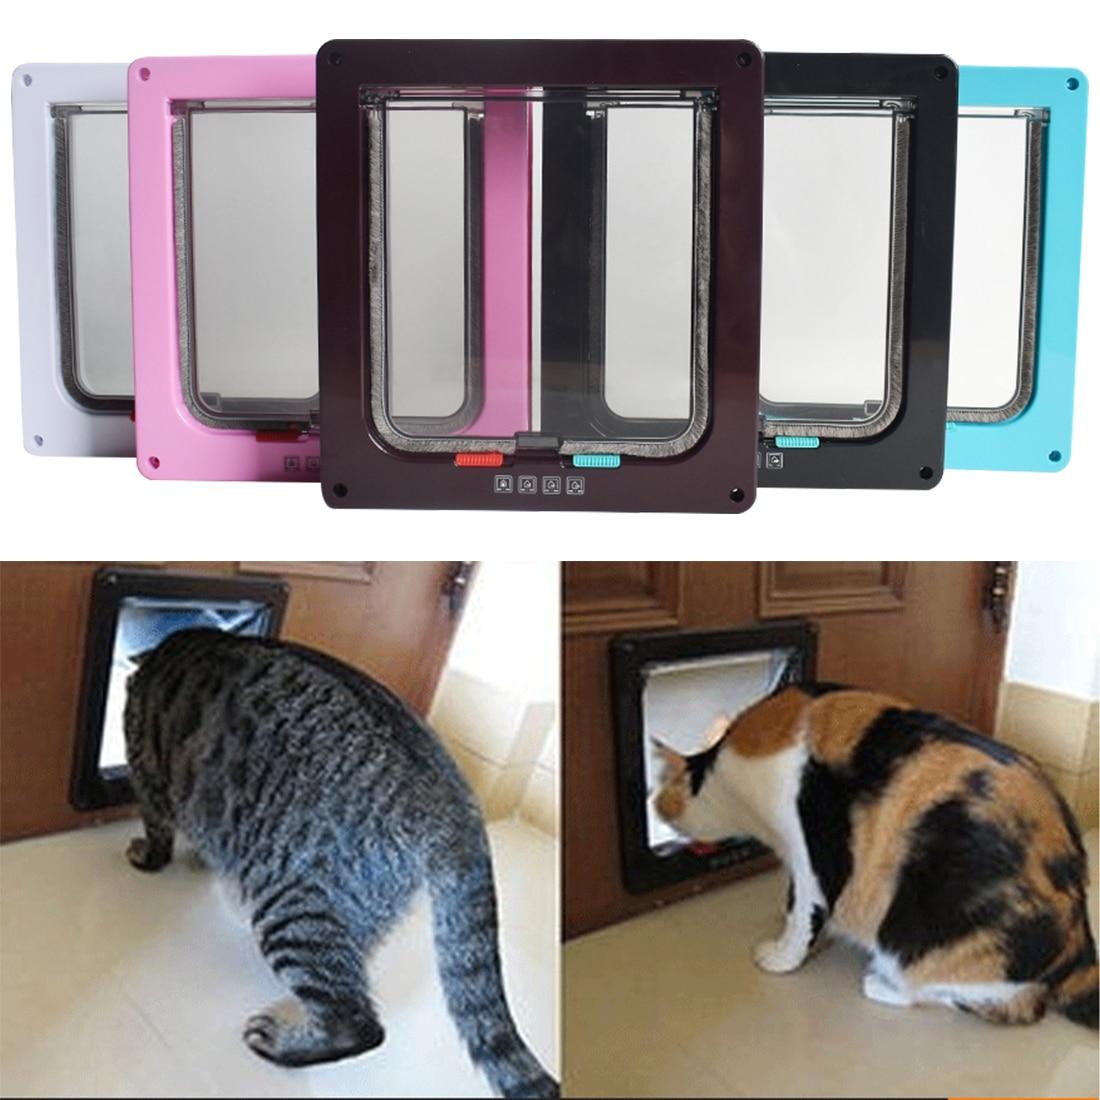 4 Way Lockable Dog Cat Kitten Door Security Flap Door Abs Plastic Animal Small Pet Cat Dog Gate Door Pet Supplies